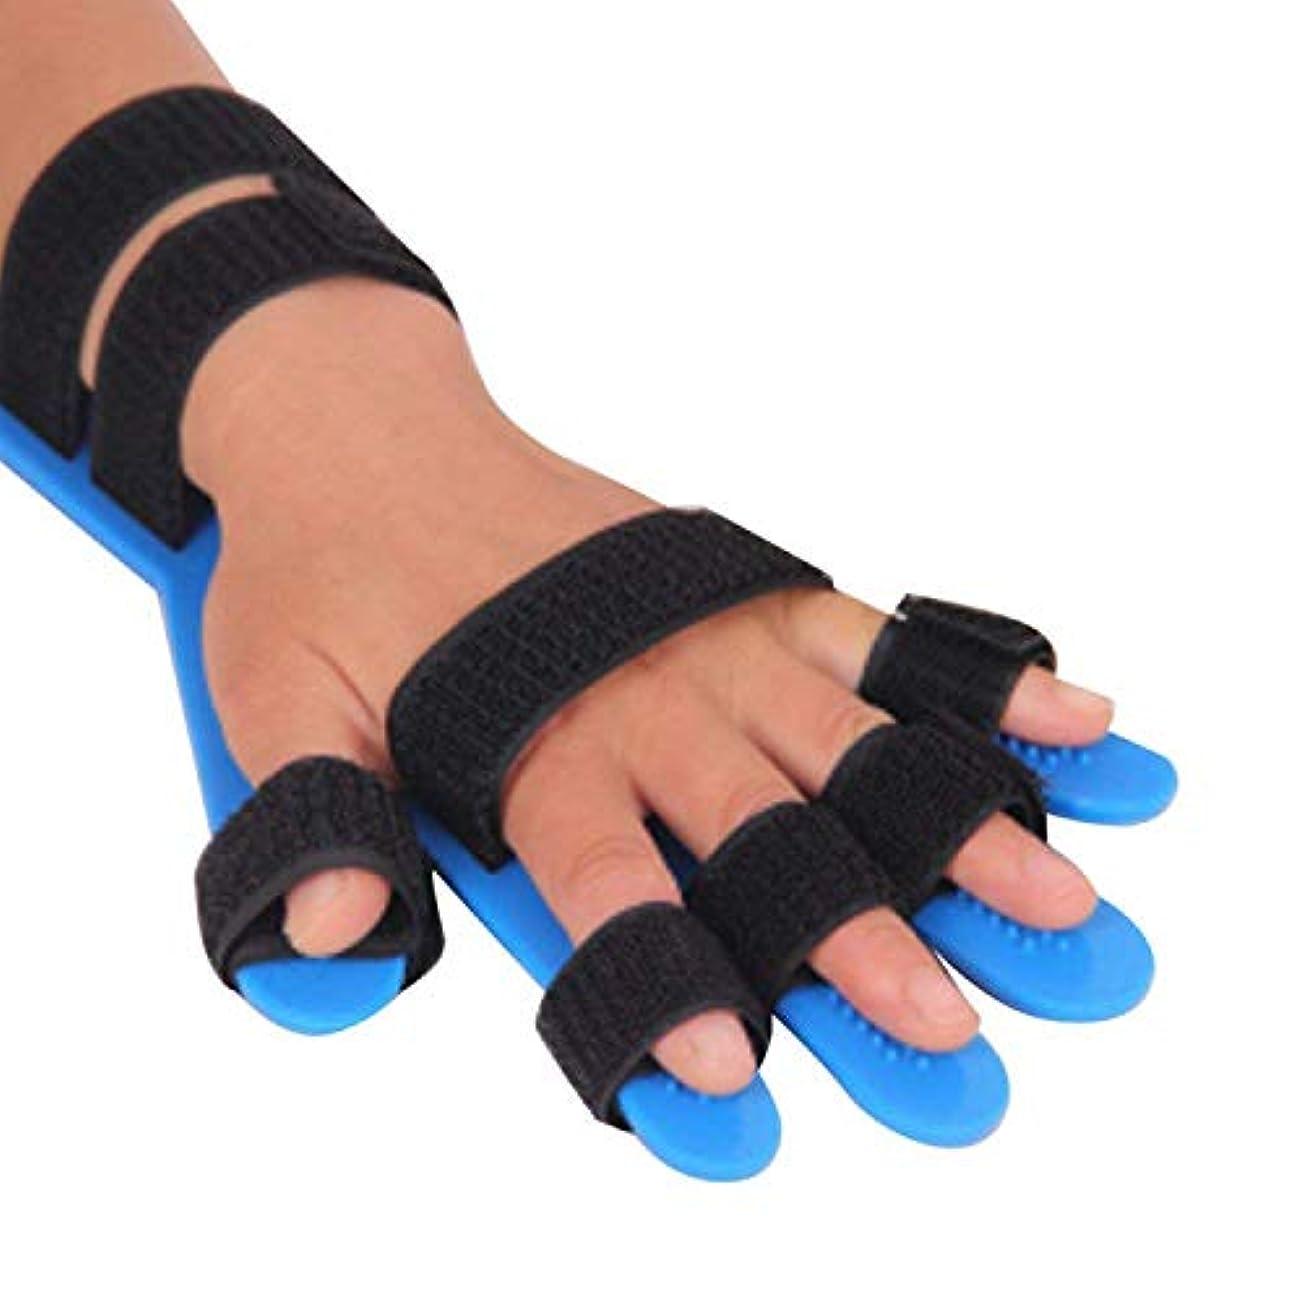 生活成功するかご指の添え木は、リハビリテーション機器/手首訓練用機器/サポートフィンガーフラクチャー/創傷術後ケア/エクササイズフィンガースプリント/フィンガーサポート/男性と女性の一般的な周りを指します